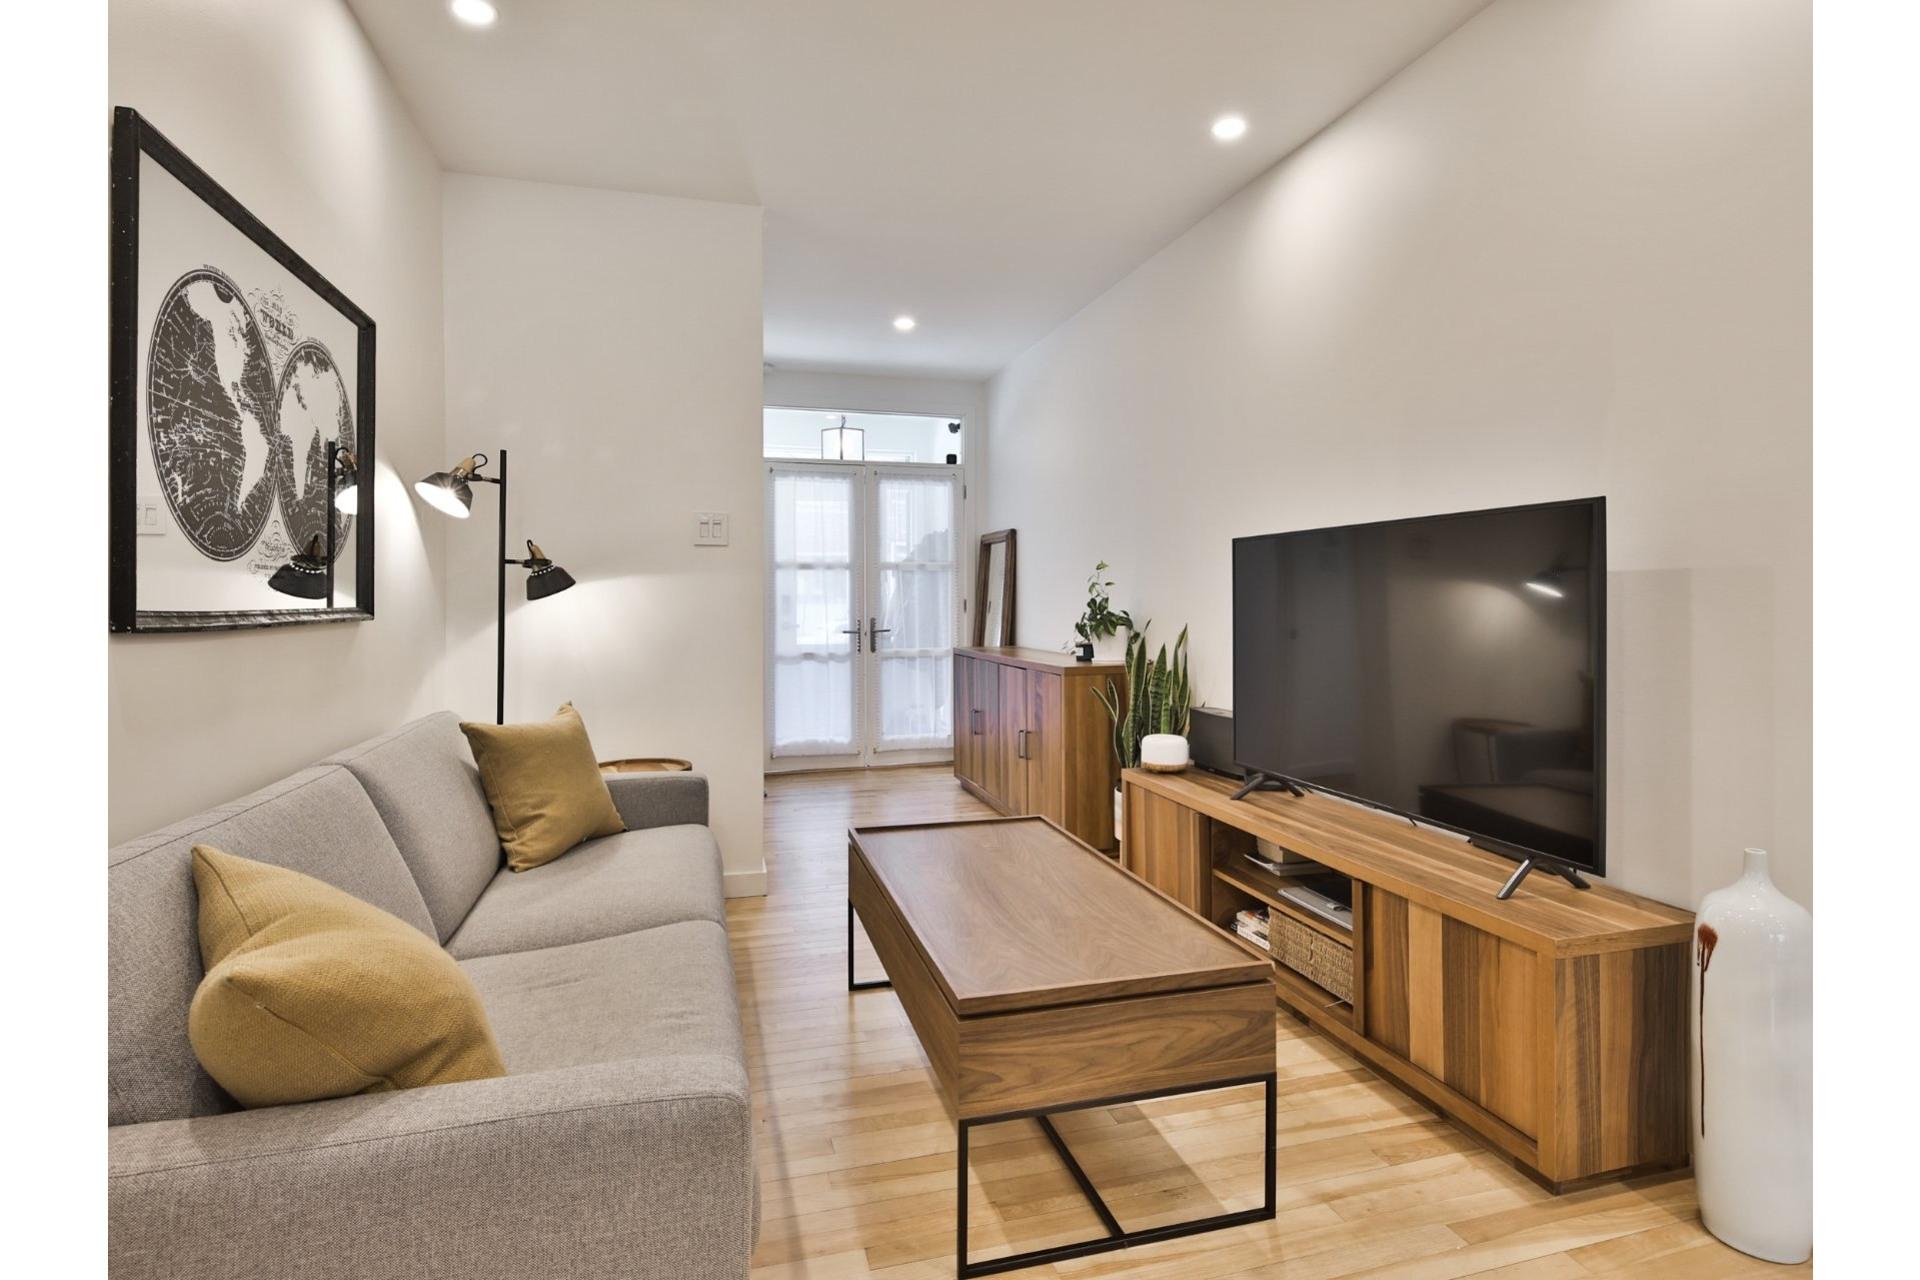 image 4 - Appartement À vendre Le Plateau-Mont-Royal Montréal  - 12 pièces